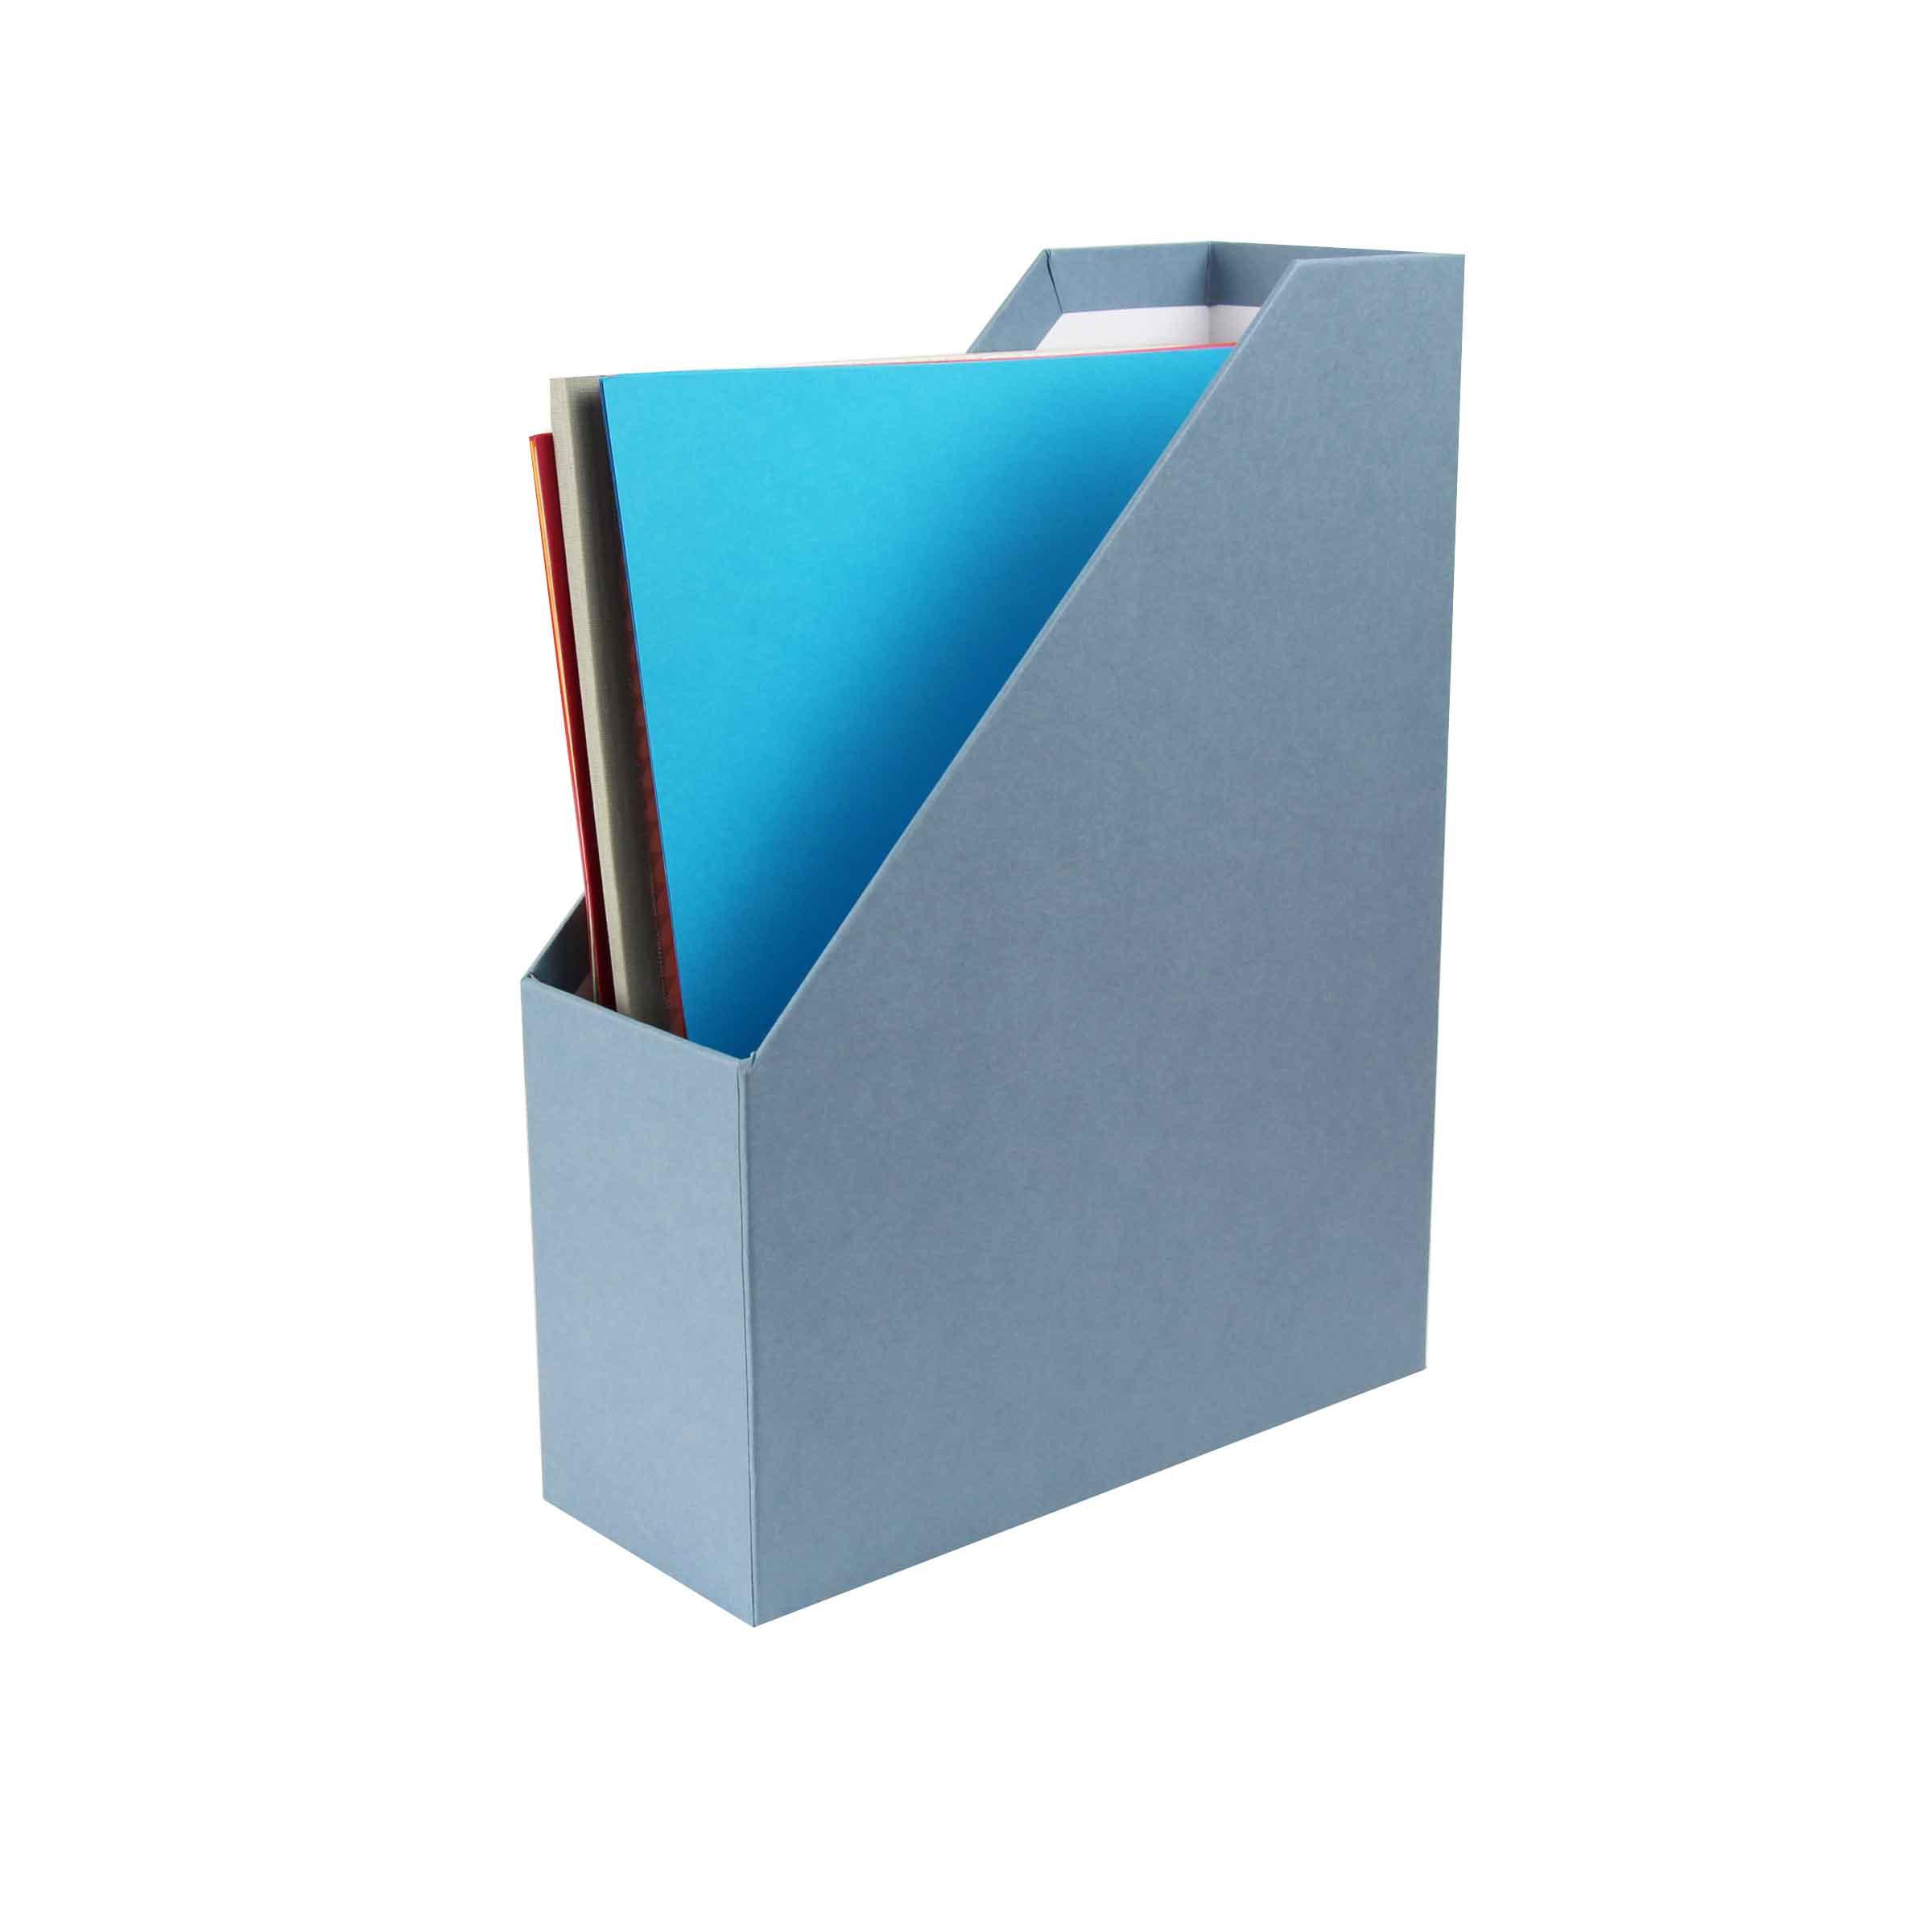 Rangement vertical pour dossies bleu gris - Boite de rangement verticale ...